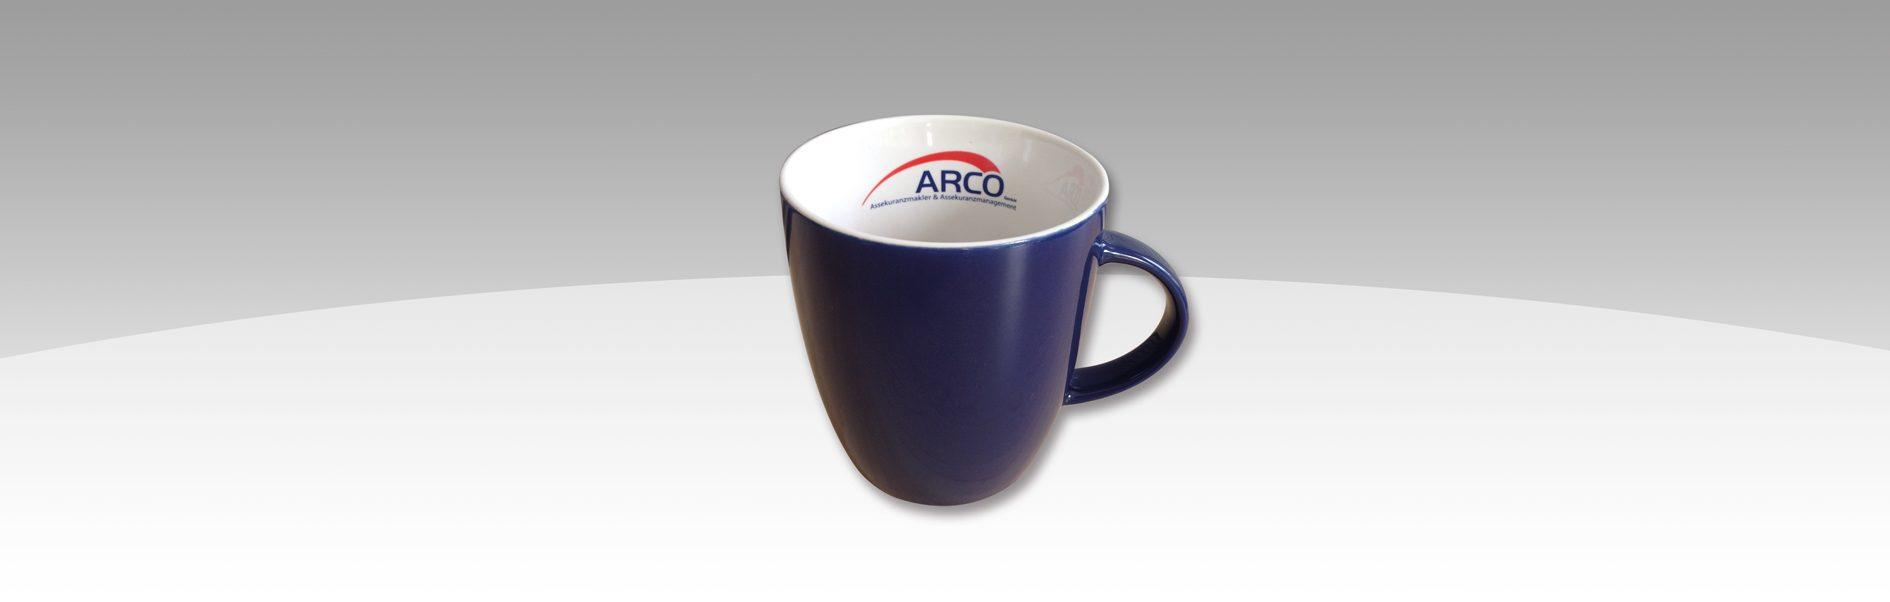 Hier ist die für Arco bedruckte Tasse abgebildet.